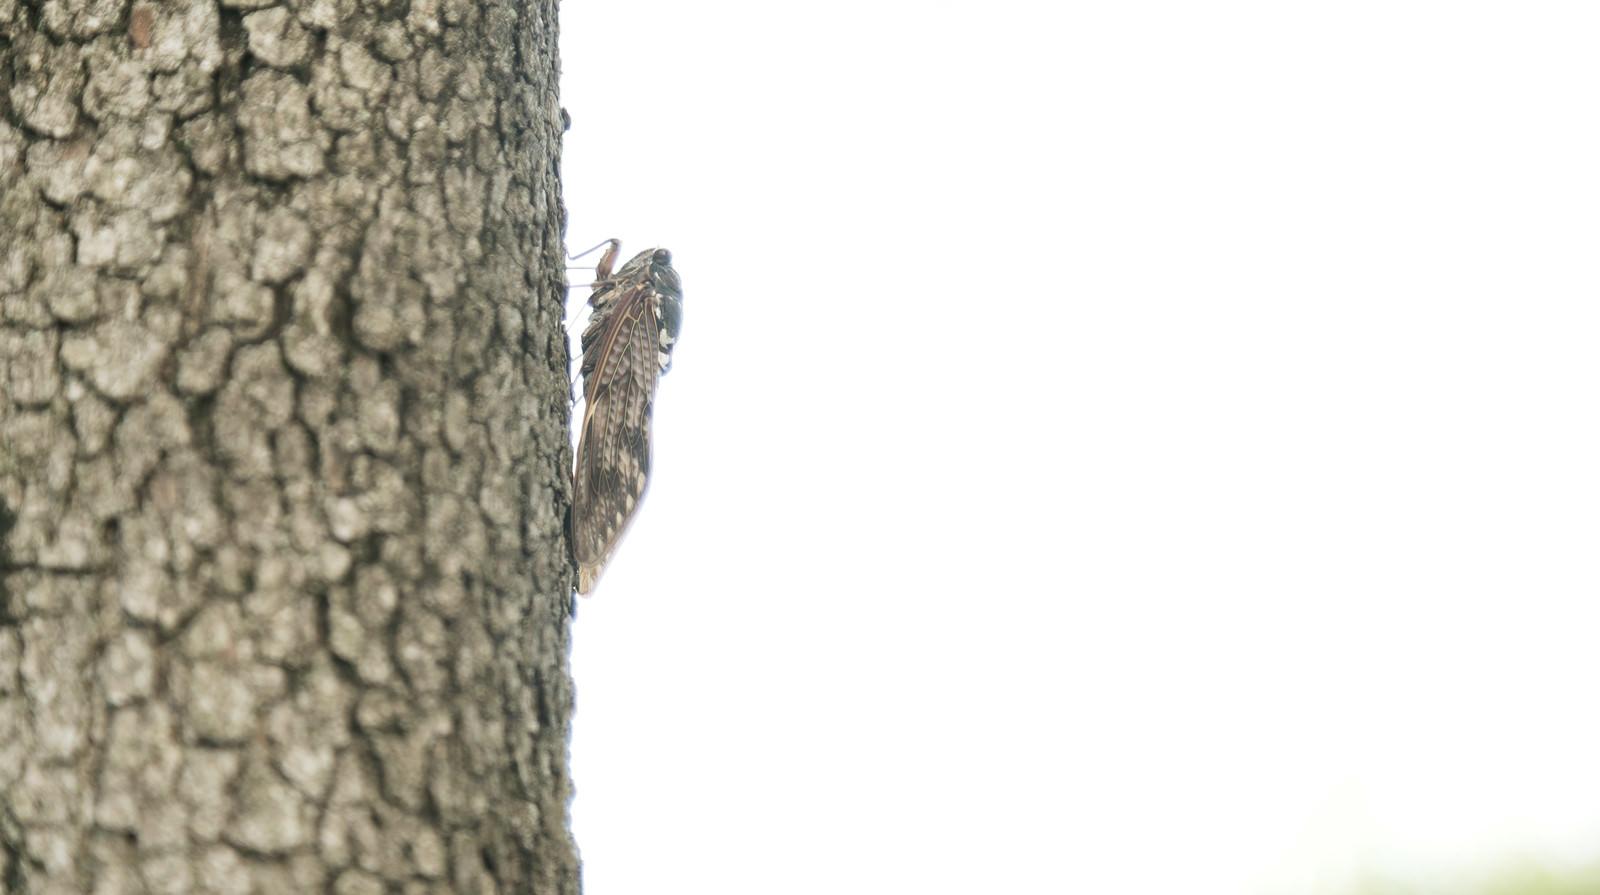 「木に止まる蝉(横から)木に止まる蝉(横から)」のフリー写真素材を拡大